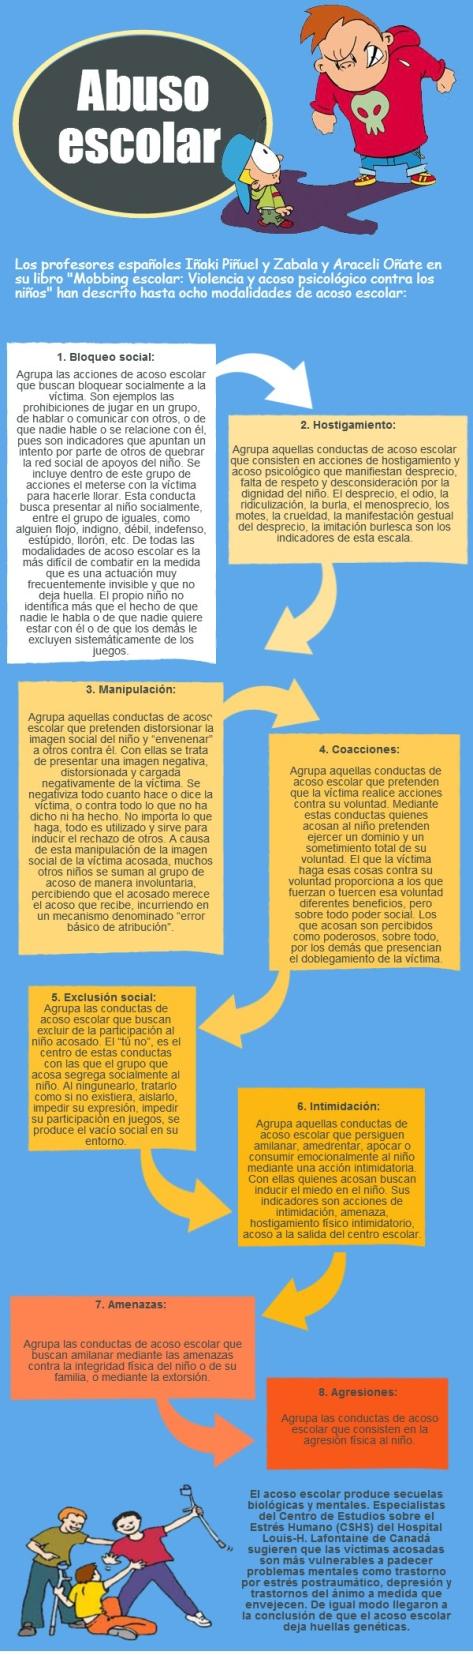 Infografía de Bullying